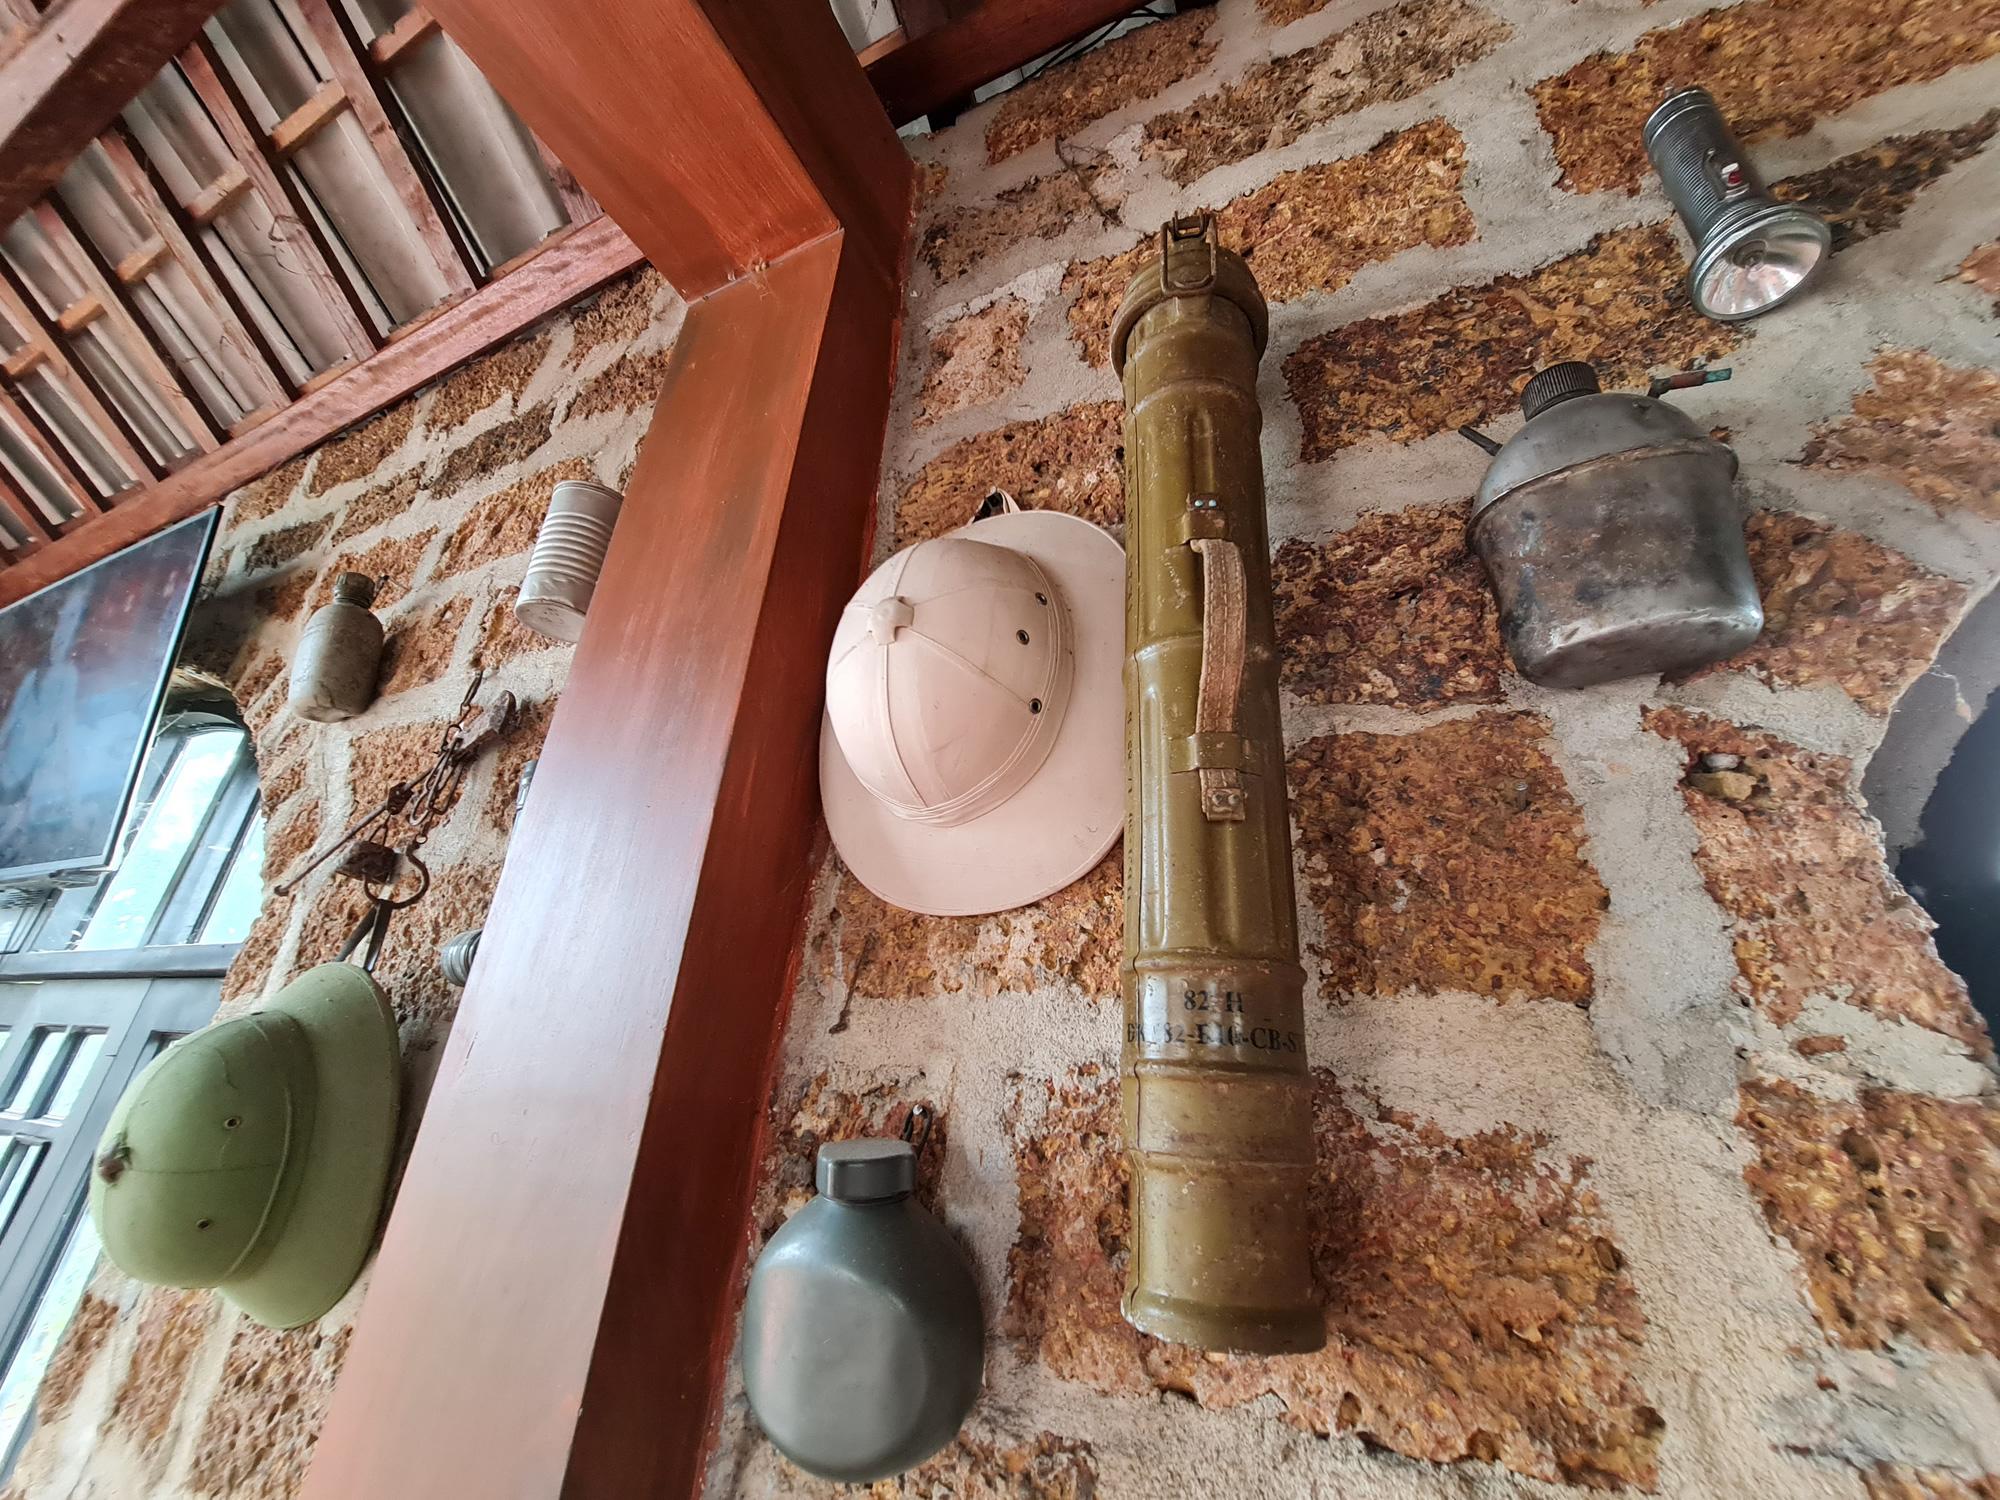 Quảng Nam: Nhứt mắt với quán cà phê bằng đá ong và toàn đồ bỏ đi - Ảnh 19.